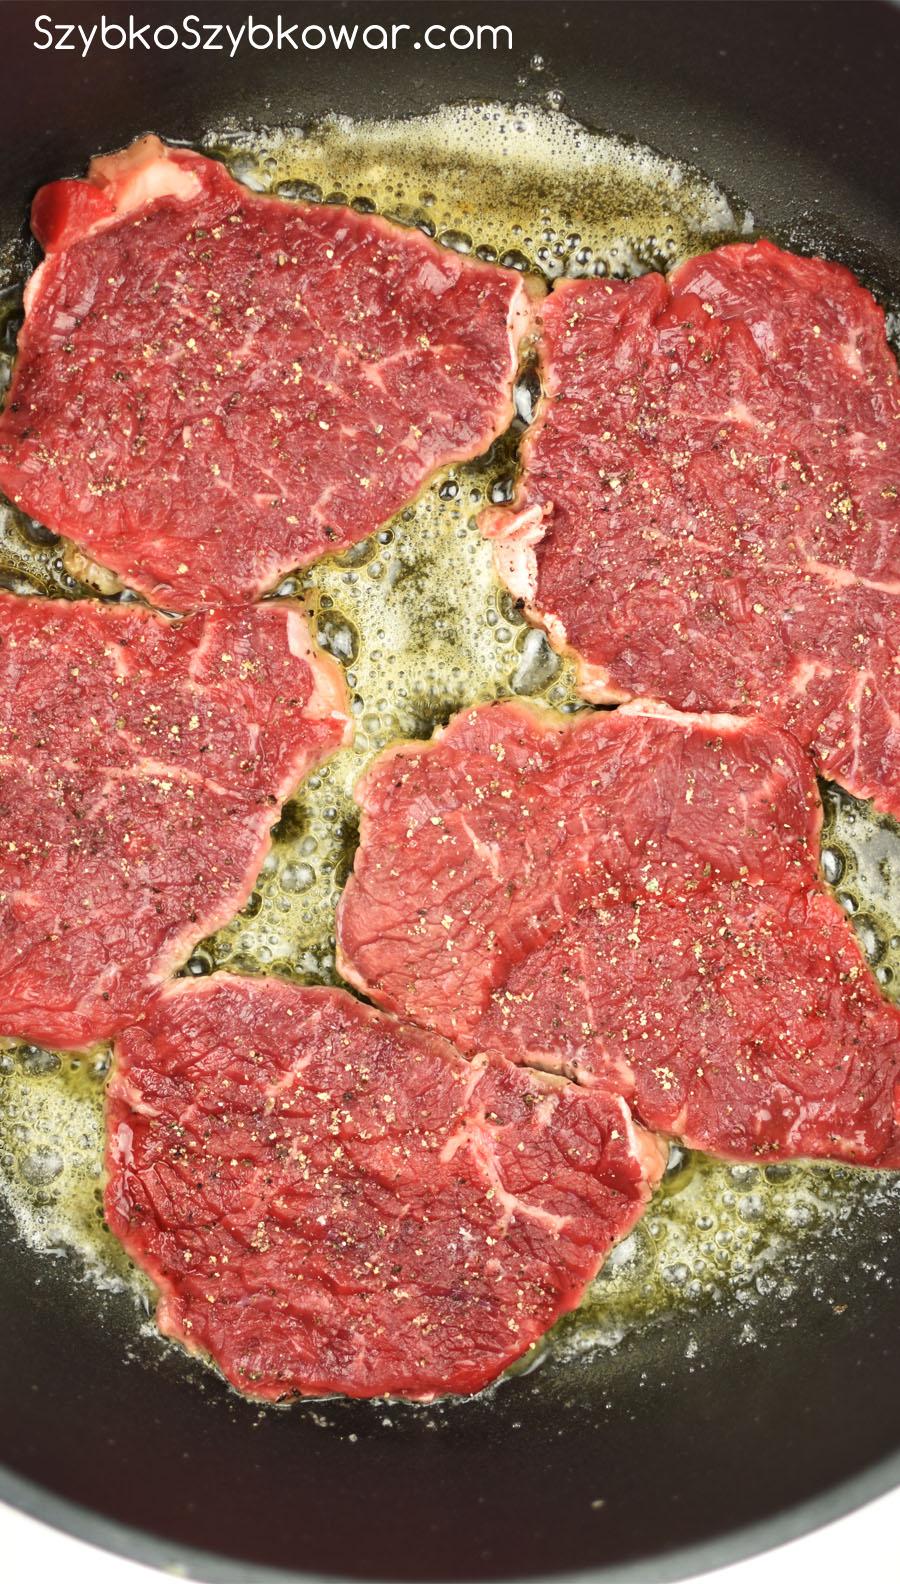 Plastry wołowiny podsmażanie w tłuszczu po cebuli.